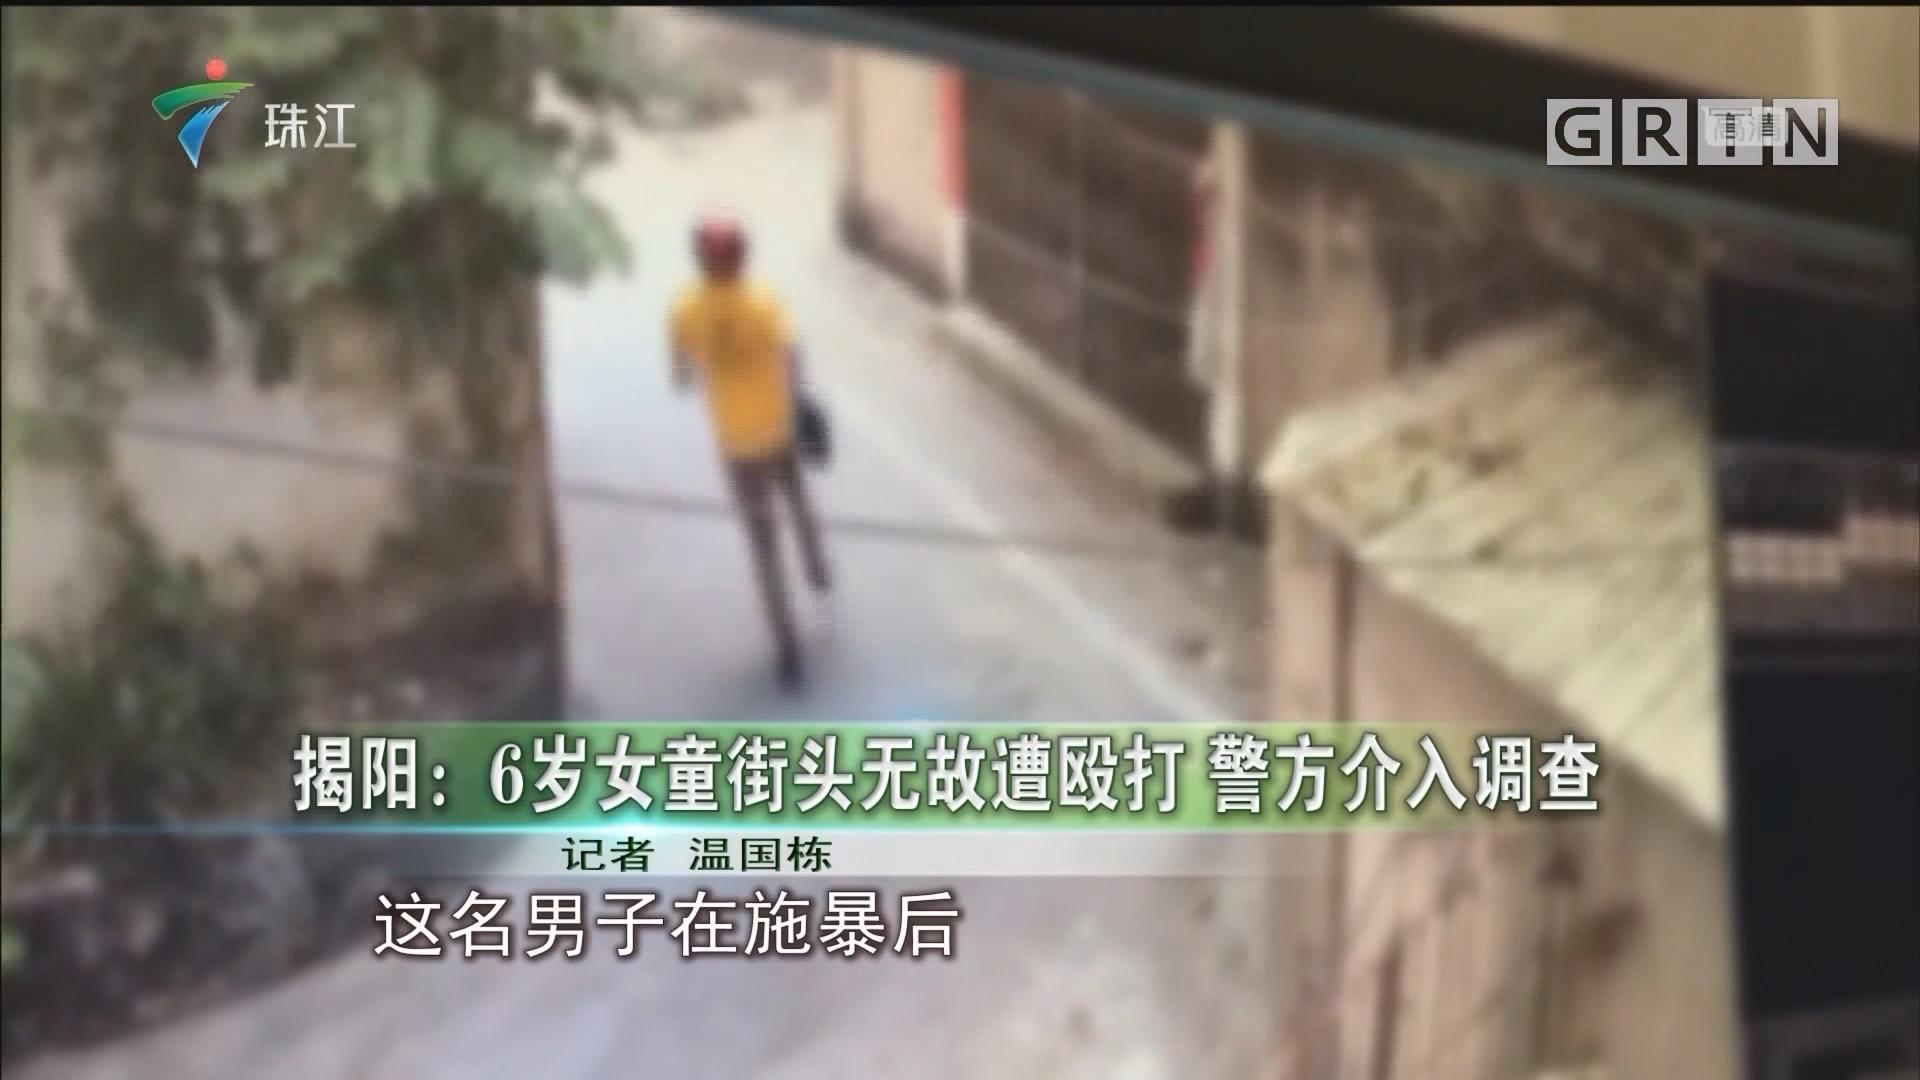 揭阳:6岁女童街头无故遭殴打 警方介入调查